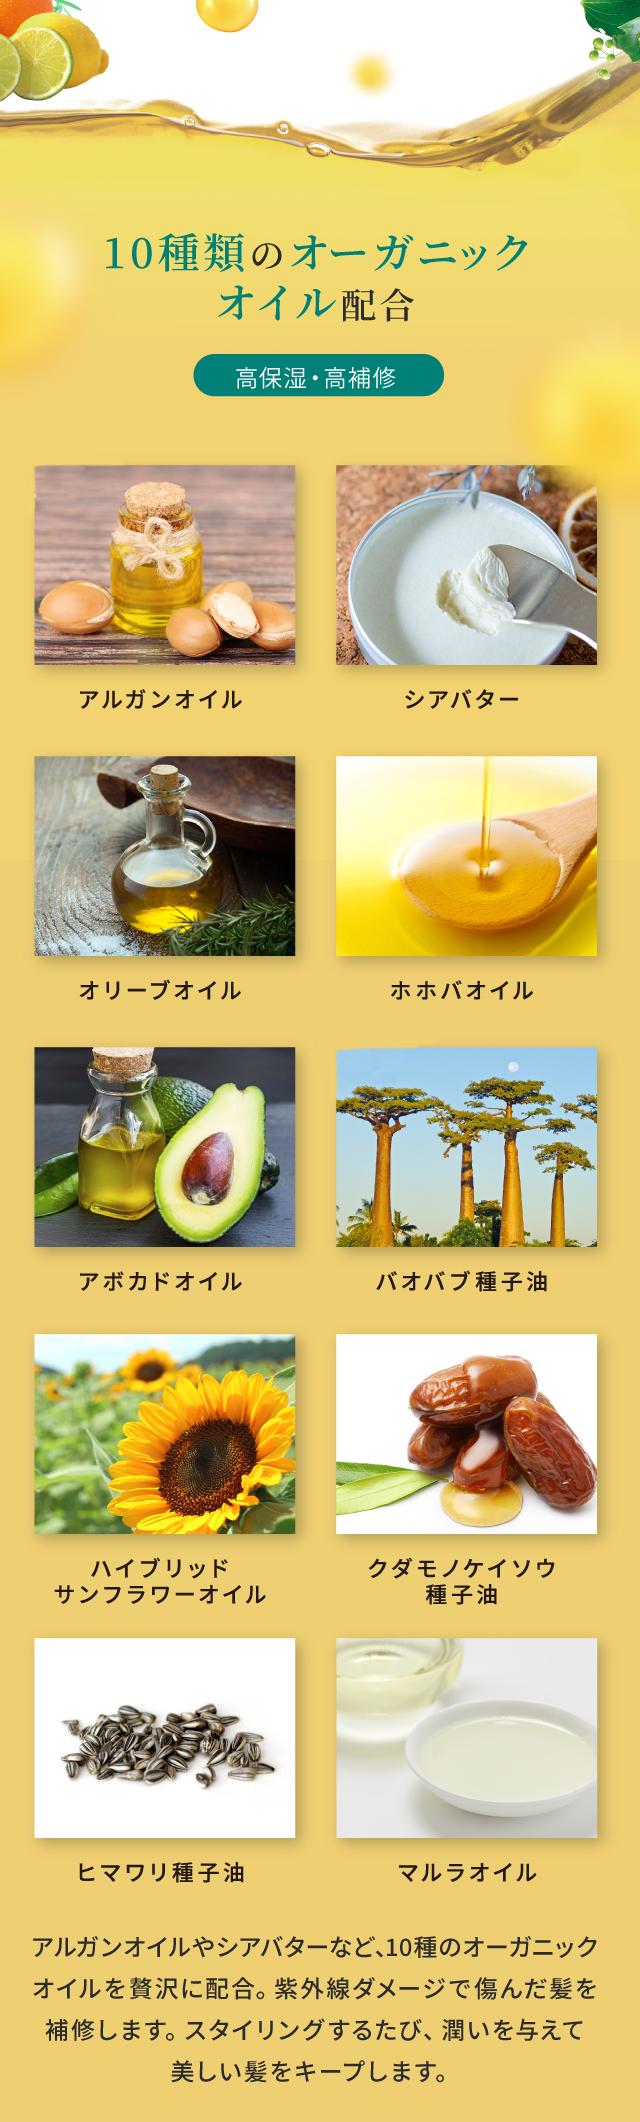 10種類のオーガニックオイルを配合